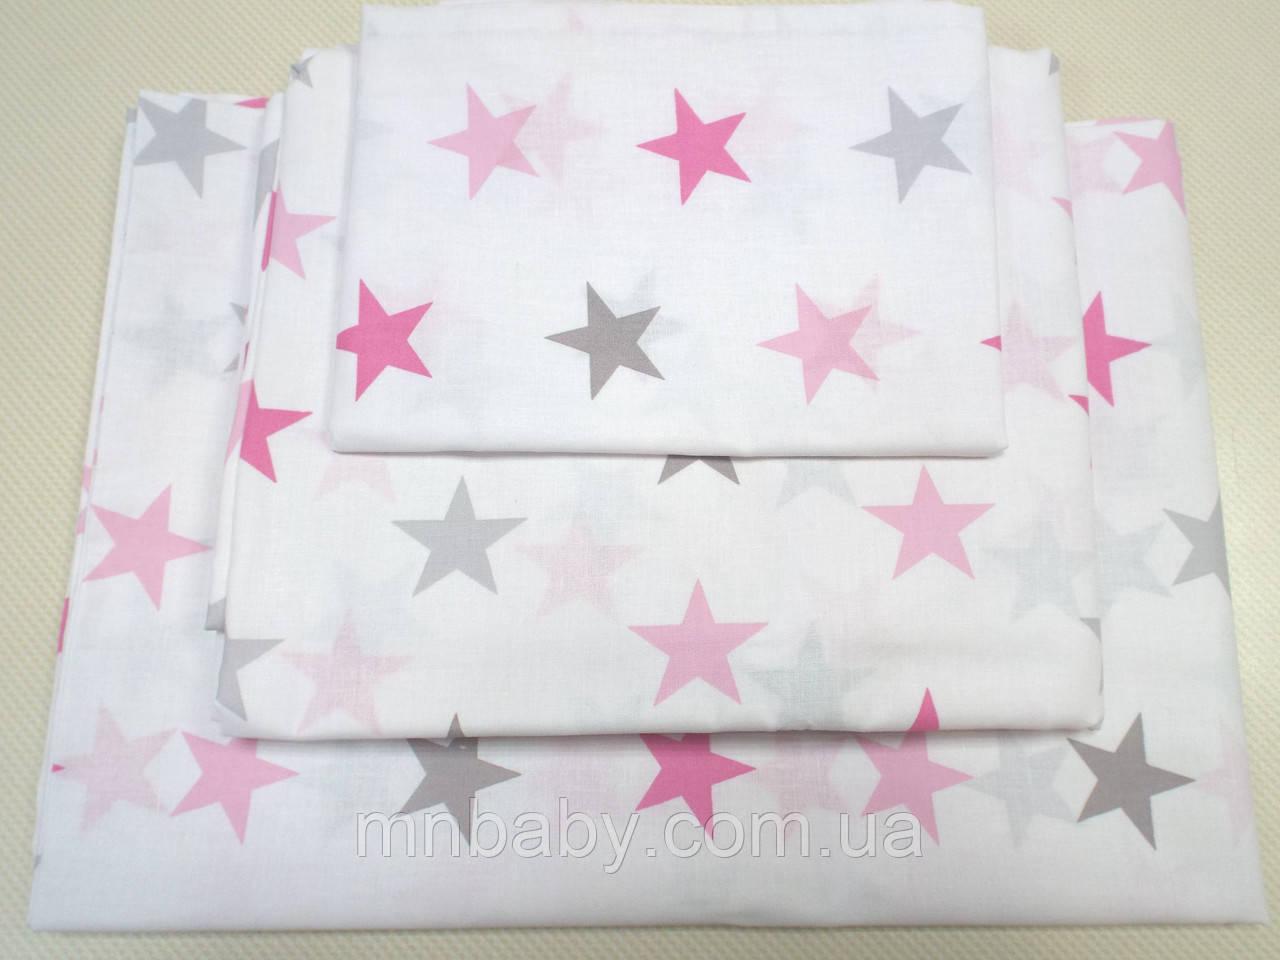 Комплект в детскую кроватку Звезды